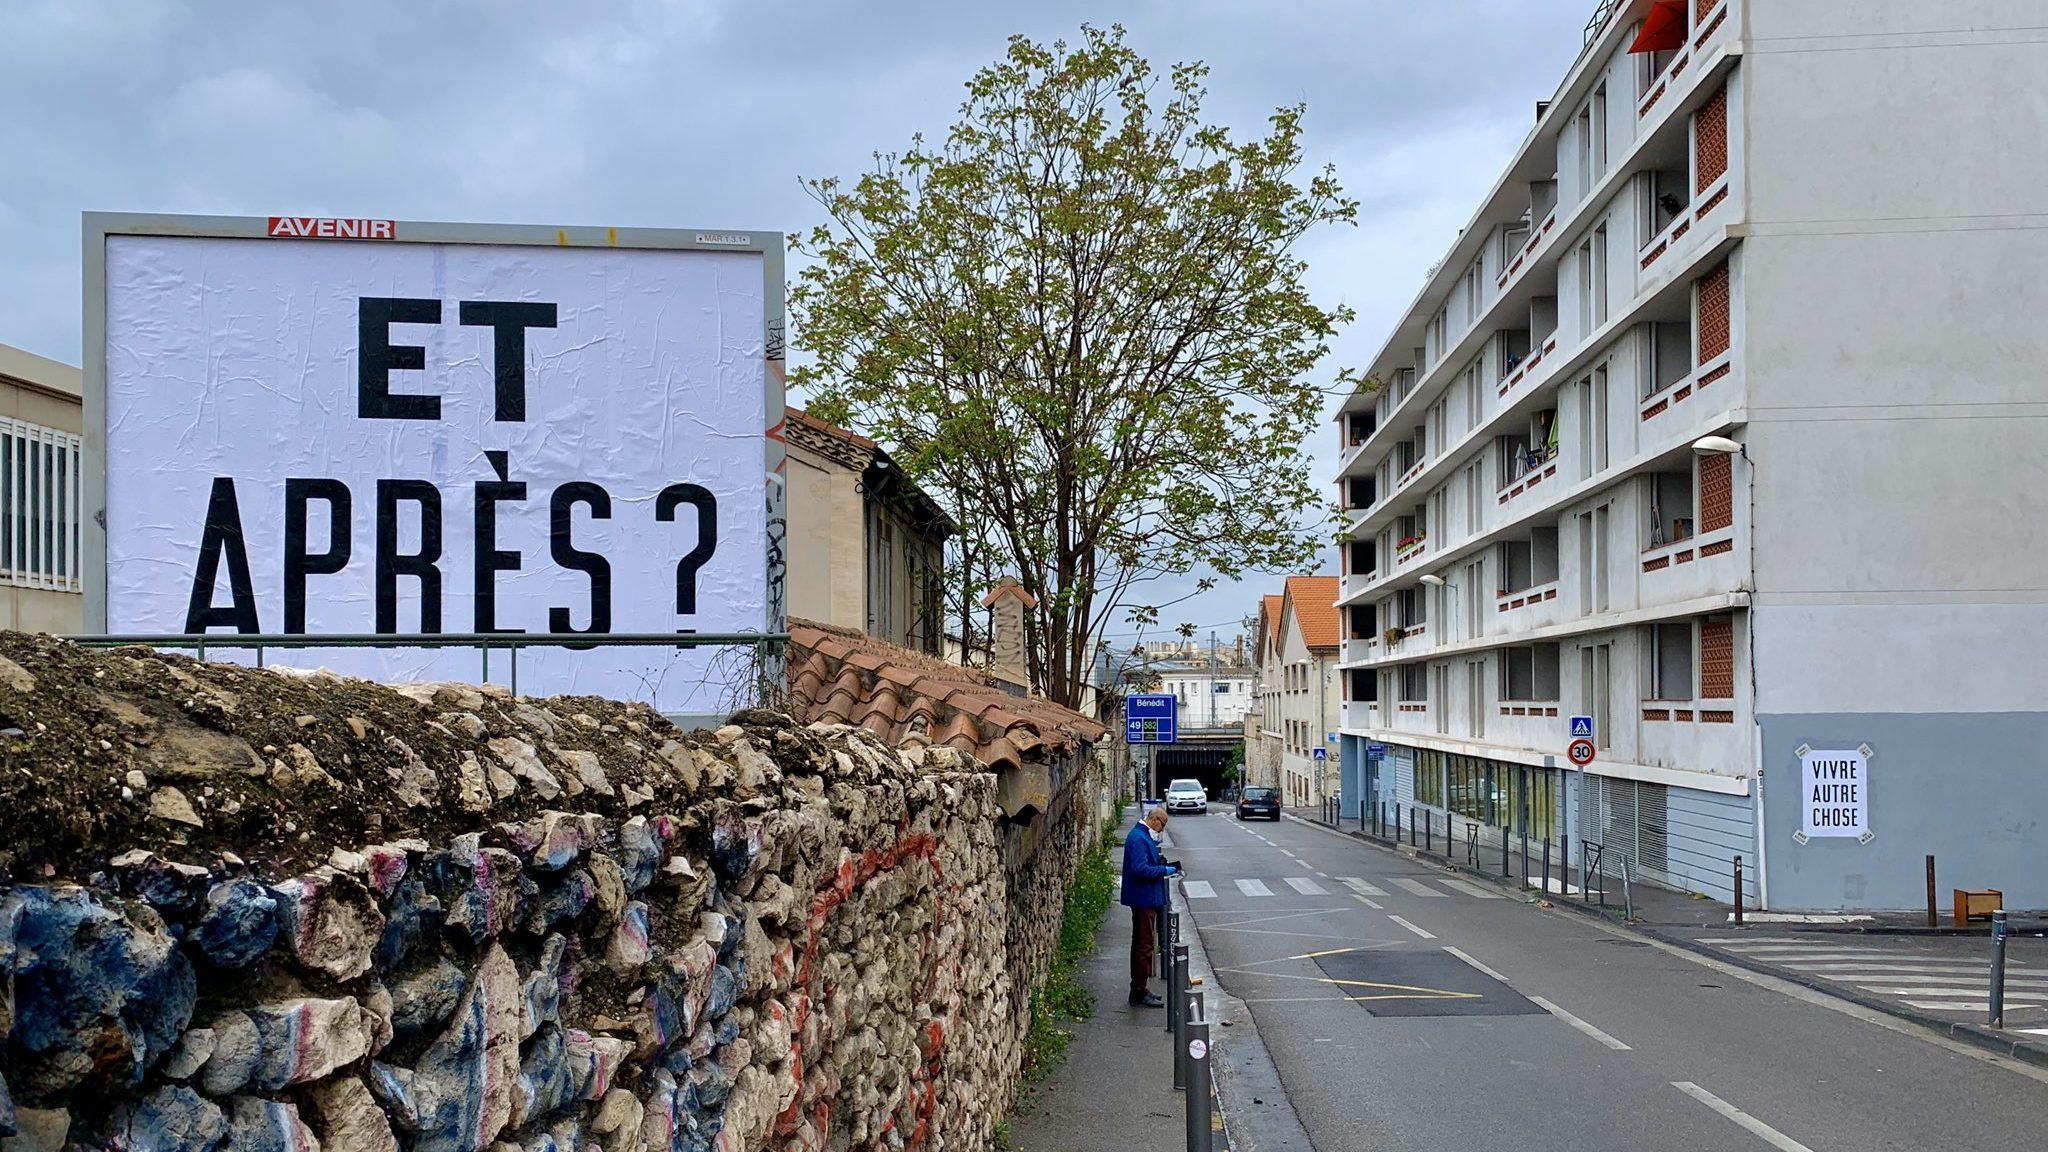 200427 - Et après vivre autre chose collage publicitaire détourné à Marseille by Julien Girardot - La Déviation